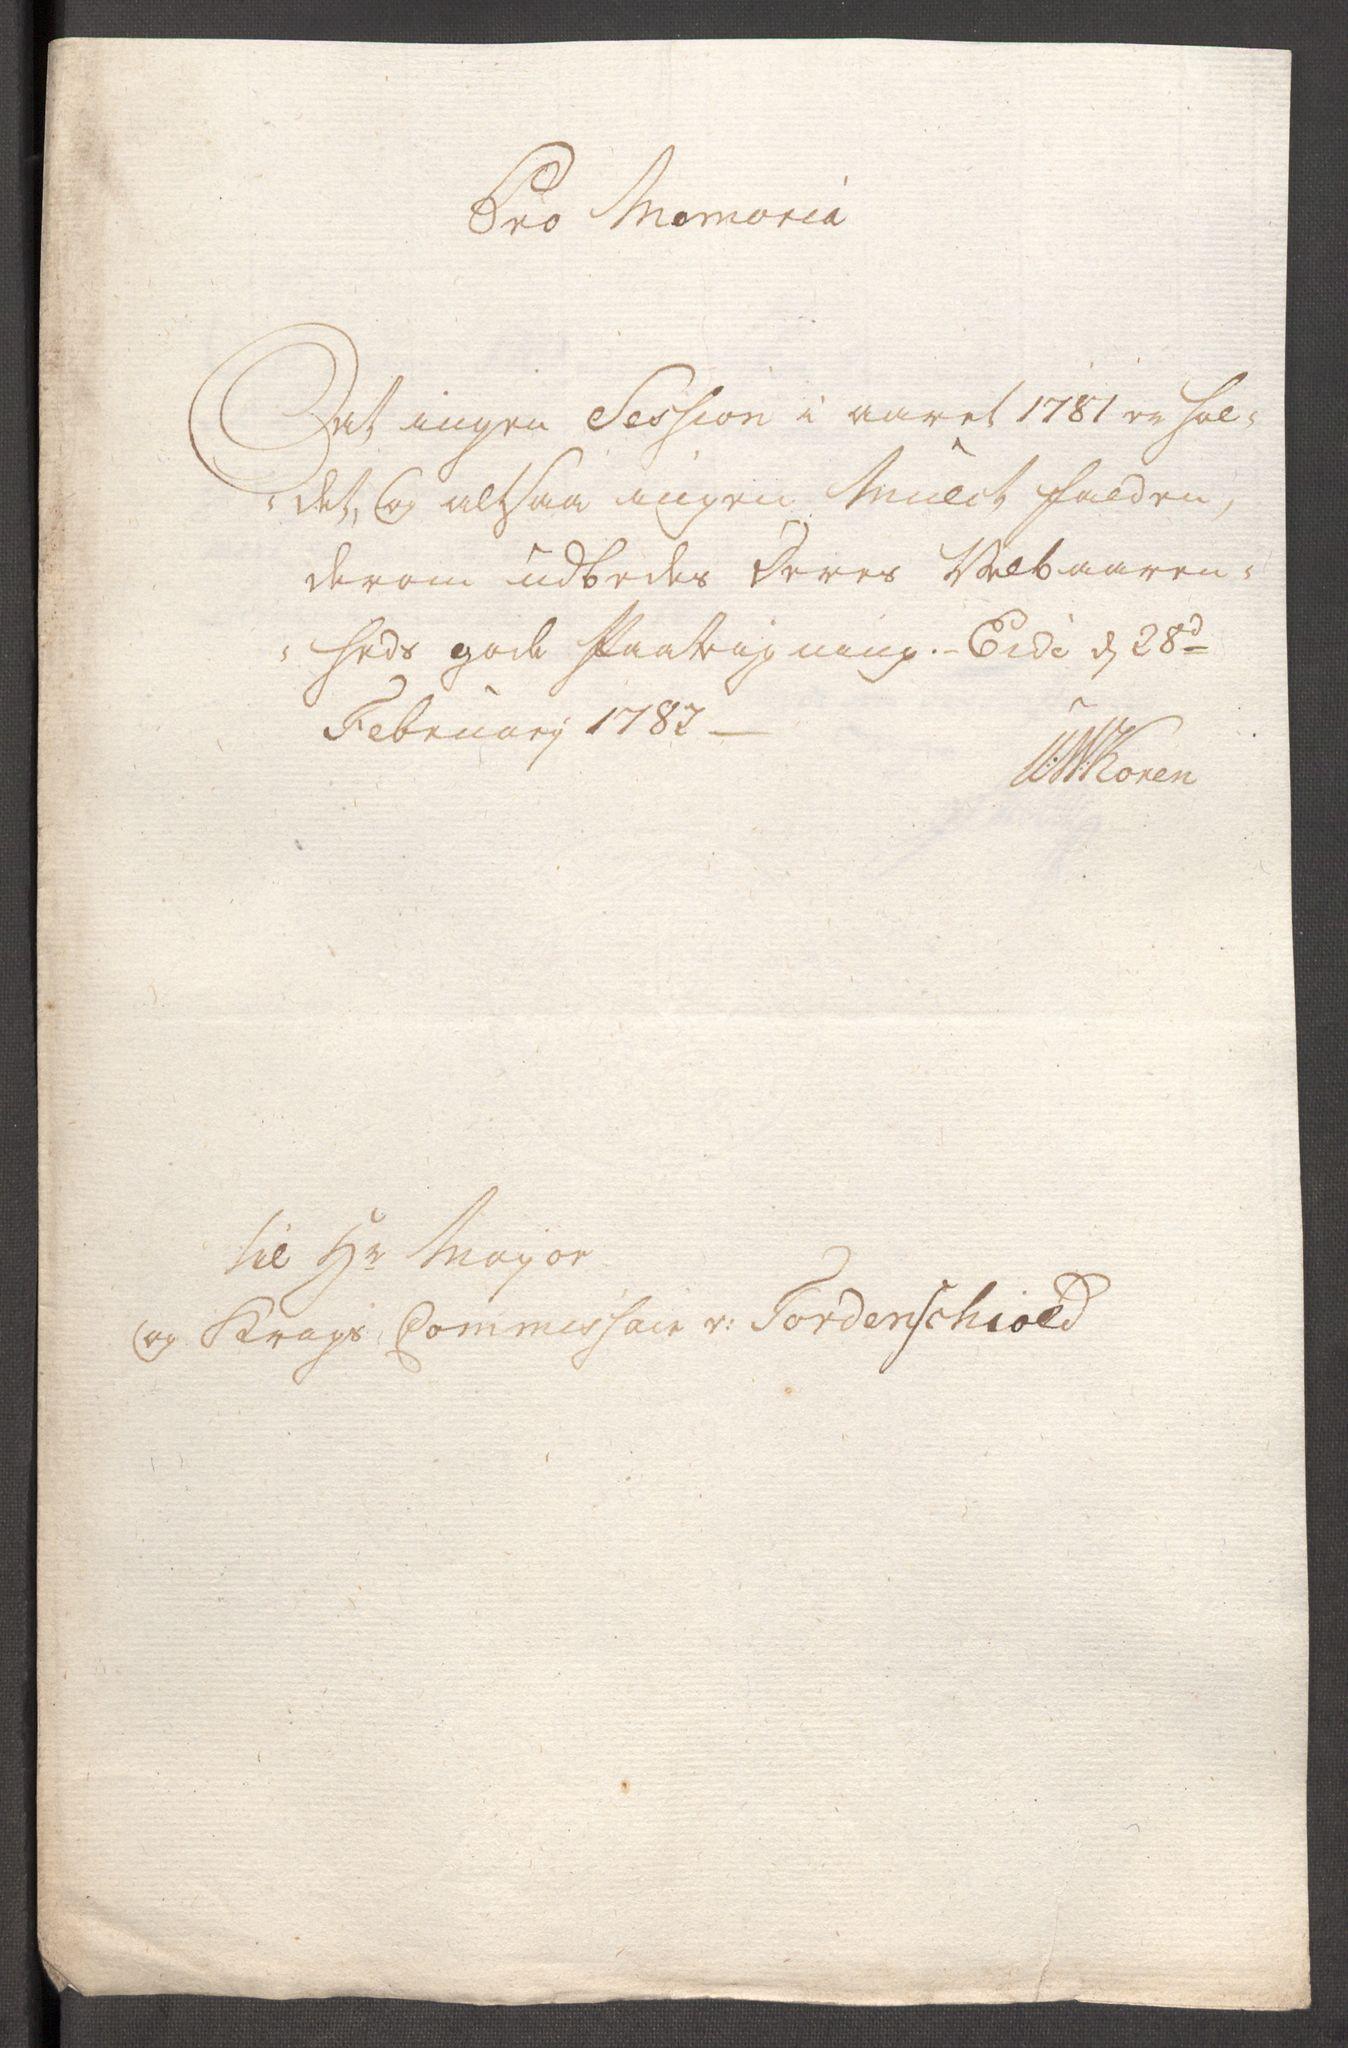 RA, Rentekammeret inntil 1814, Reviderte regnskaper, Fogderegnskap, R48/L3097: Fogderegnskap Sunnhordland og Hardanger, 1781, s. 102